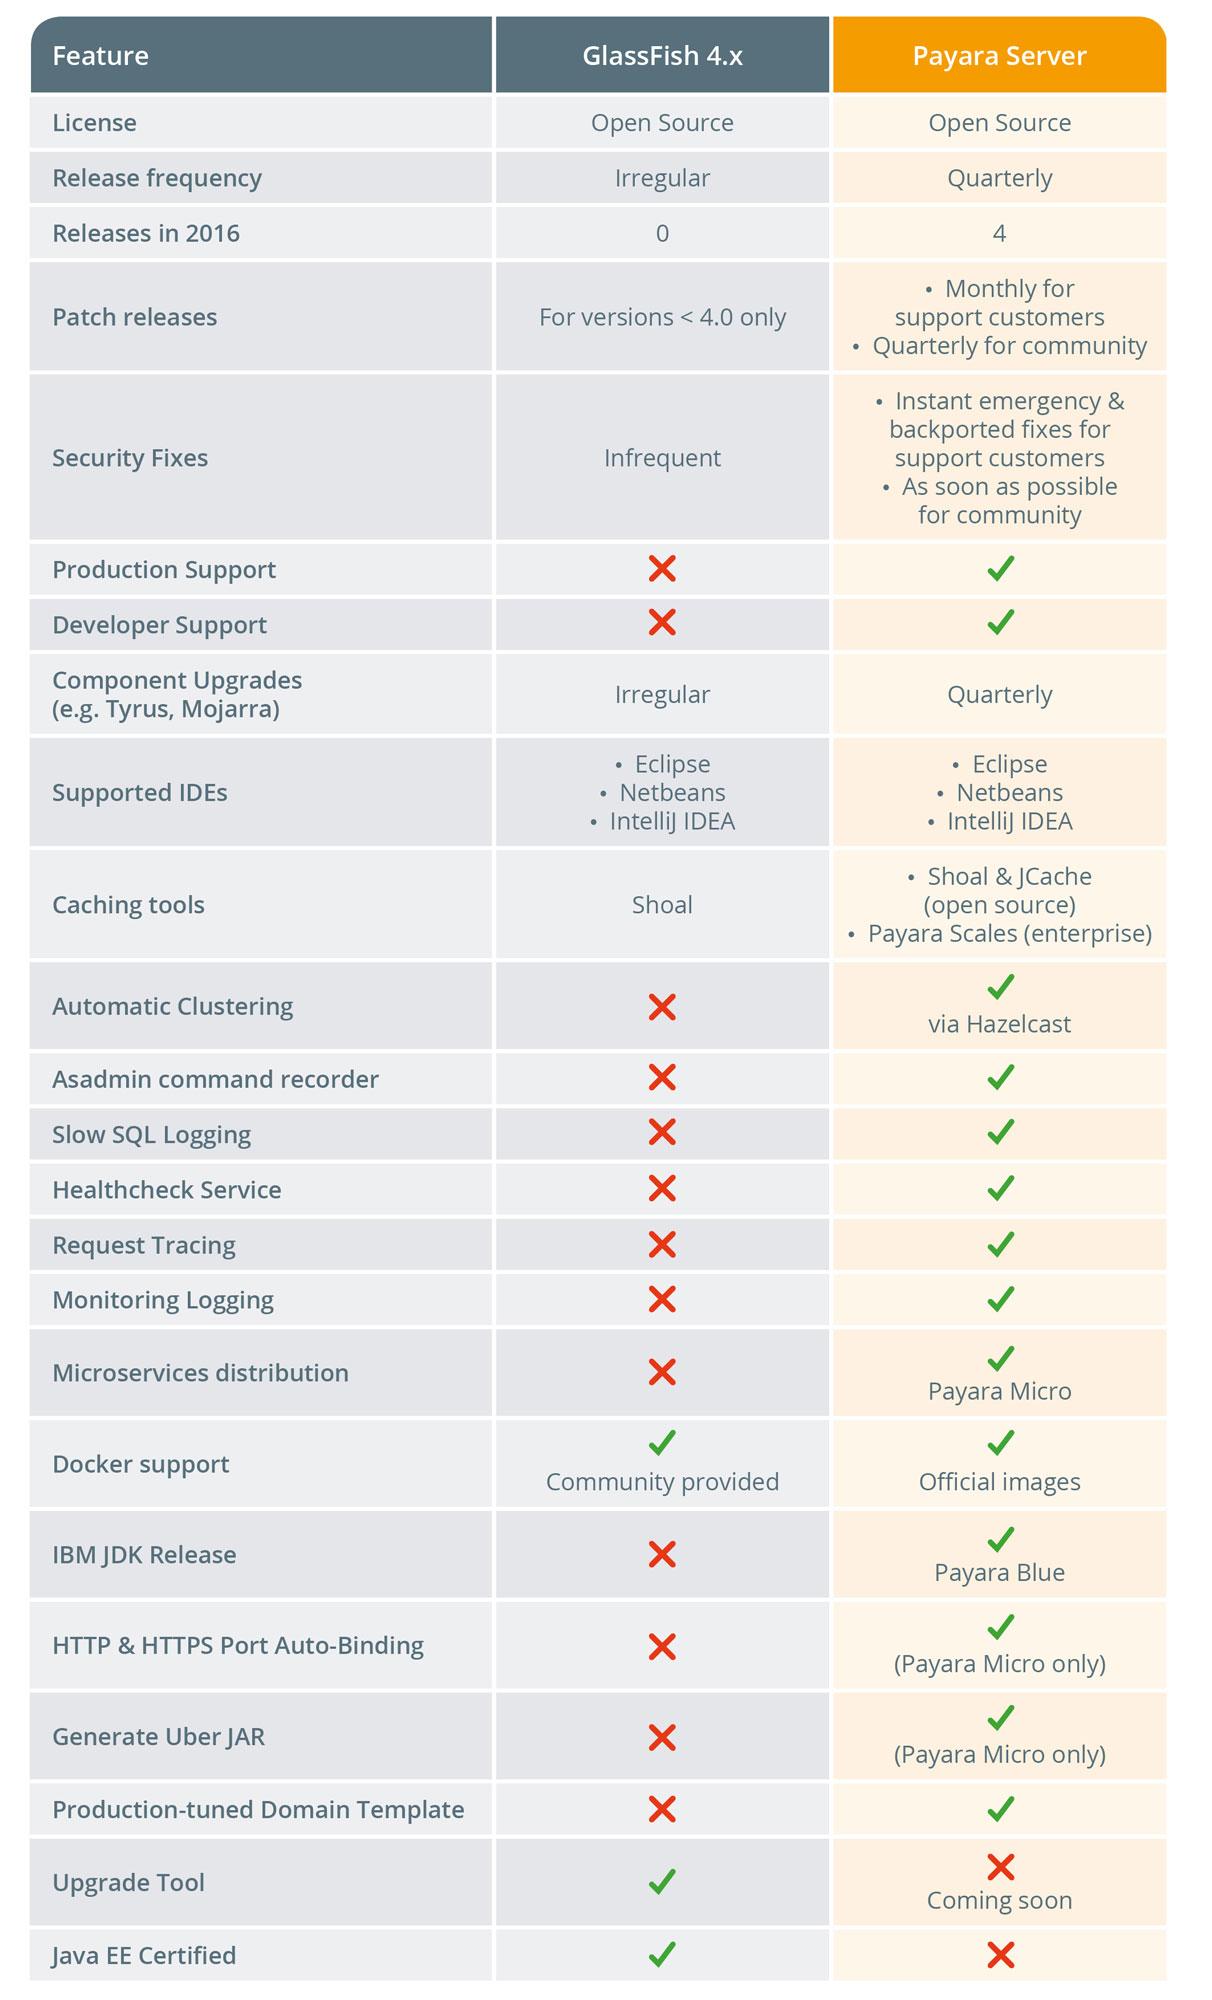 Payara-Server-vs-GlassFish-comparison.jpg